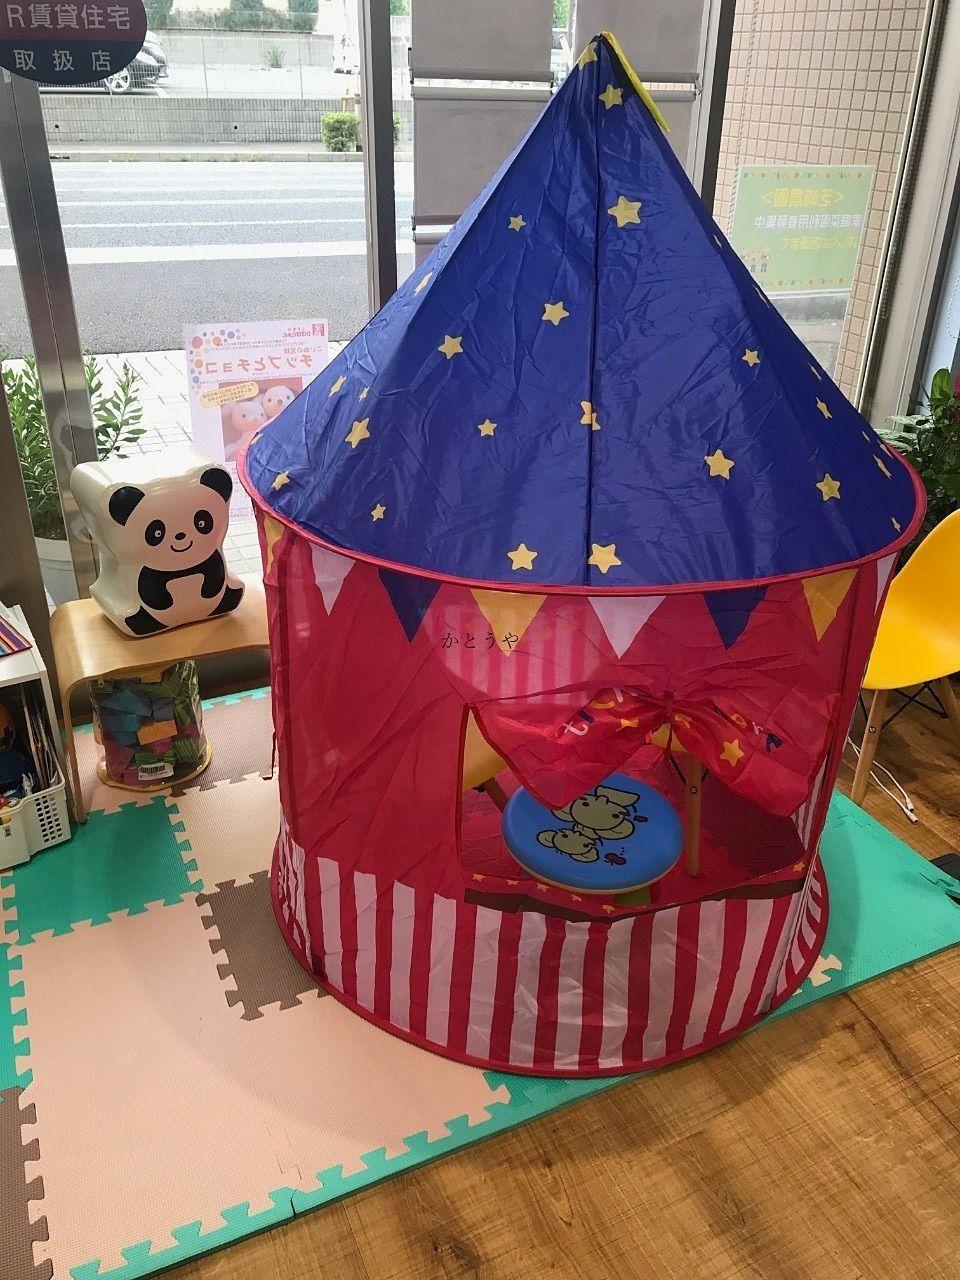 デンマーク発の雑貨屋さんFlyingTigerCopenhagenで可愛い子ども用テントを見つけました!